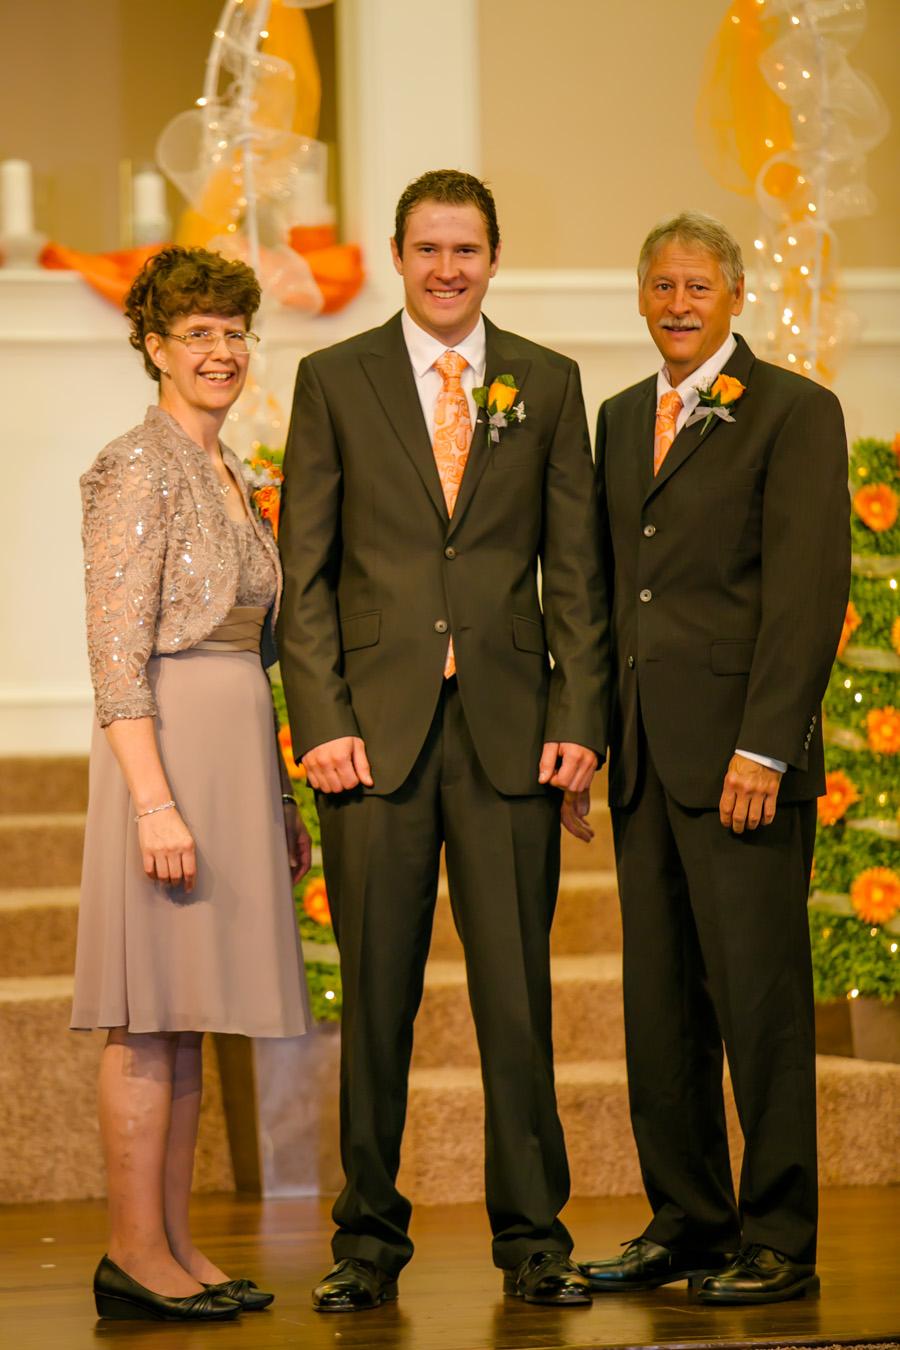 weddingPhotographyStillwaterok-8.jpg